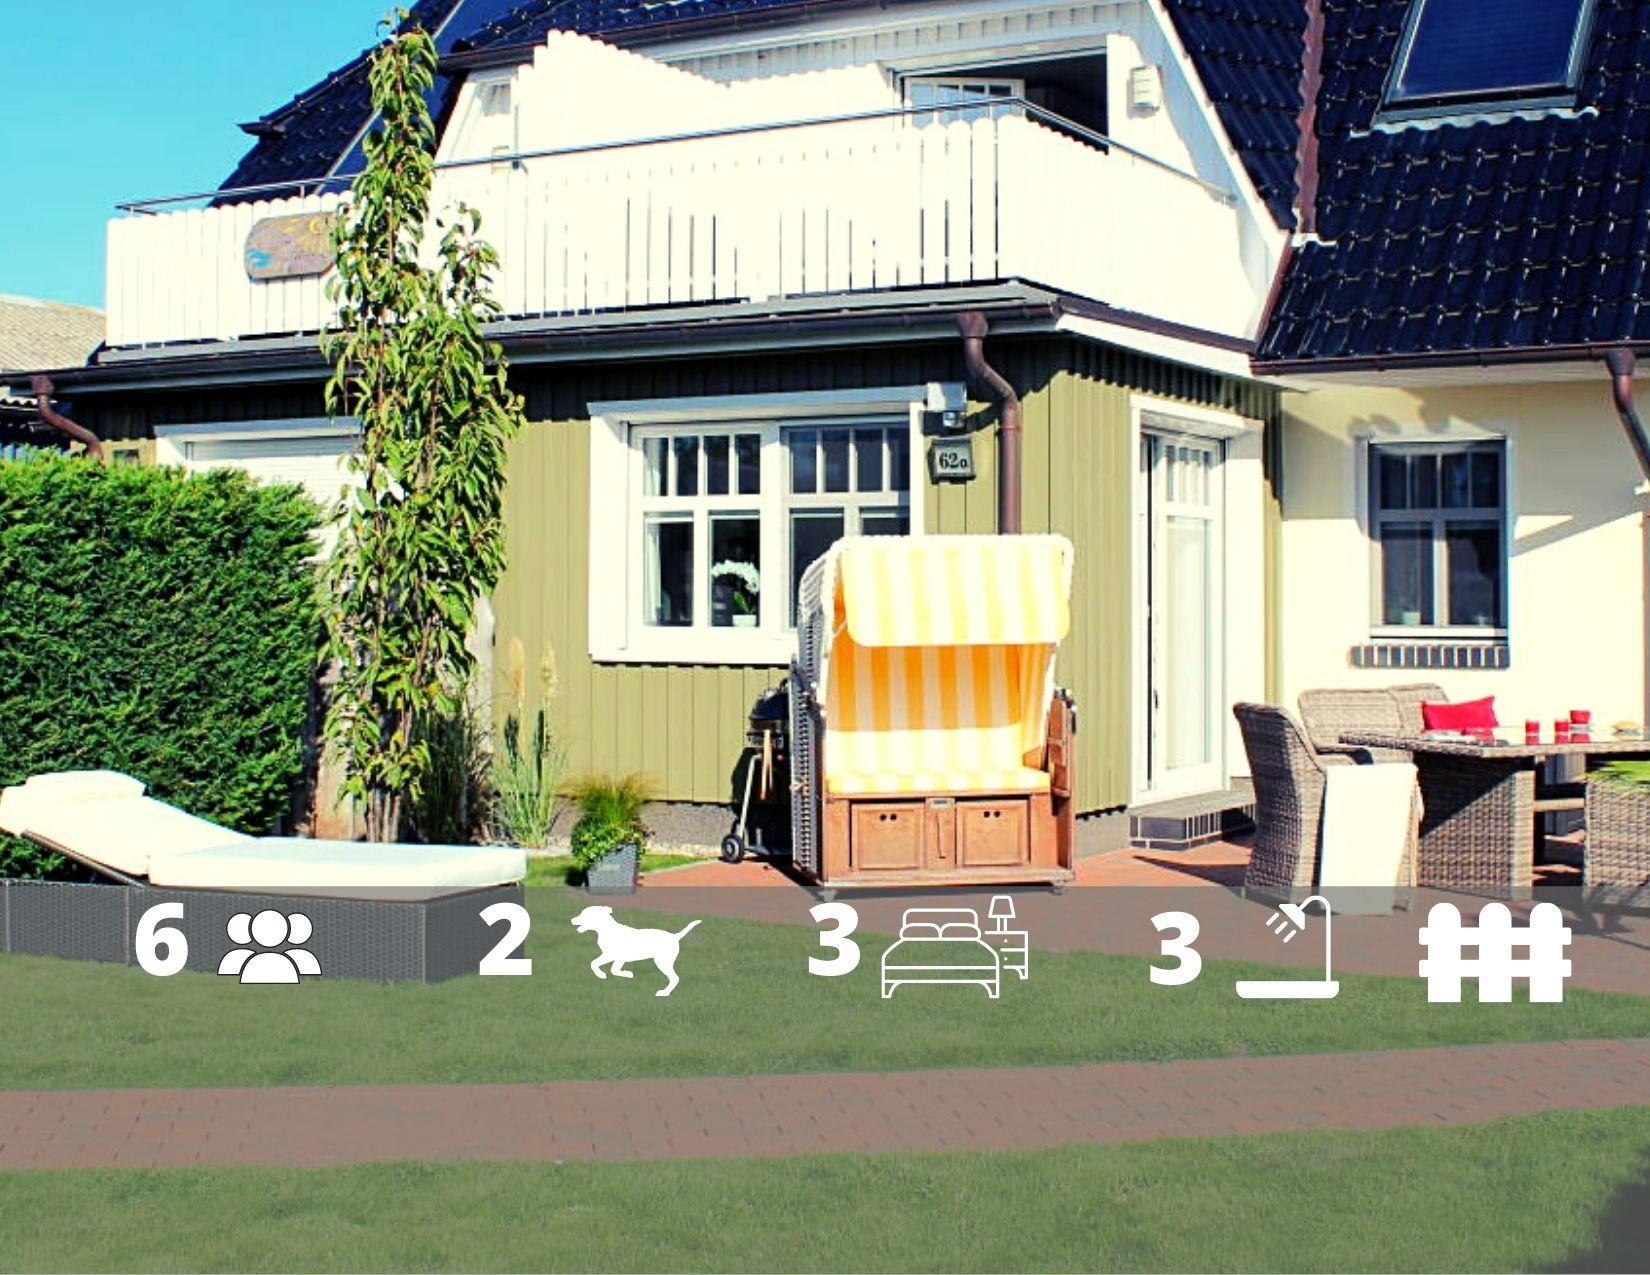 Ferienhaus Mee(h)rZeit, Sauna, Kamin., WLAN, eingz. Garten in Zingst